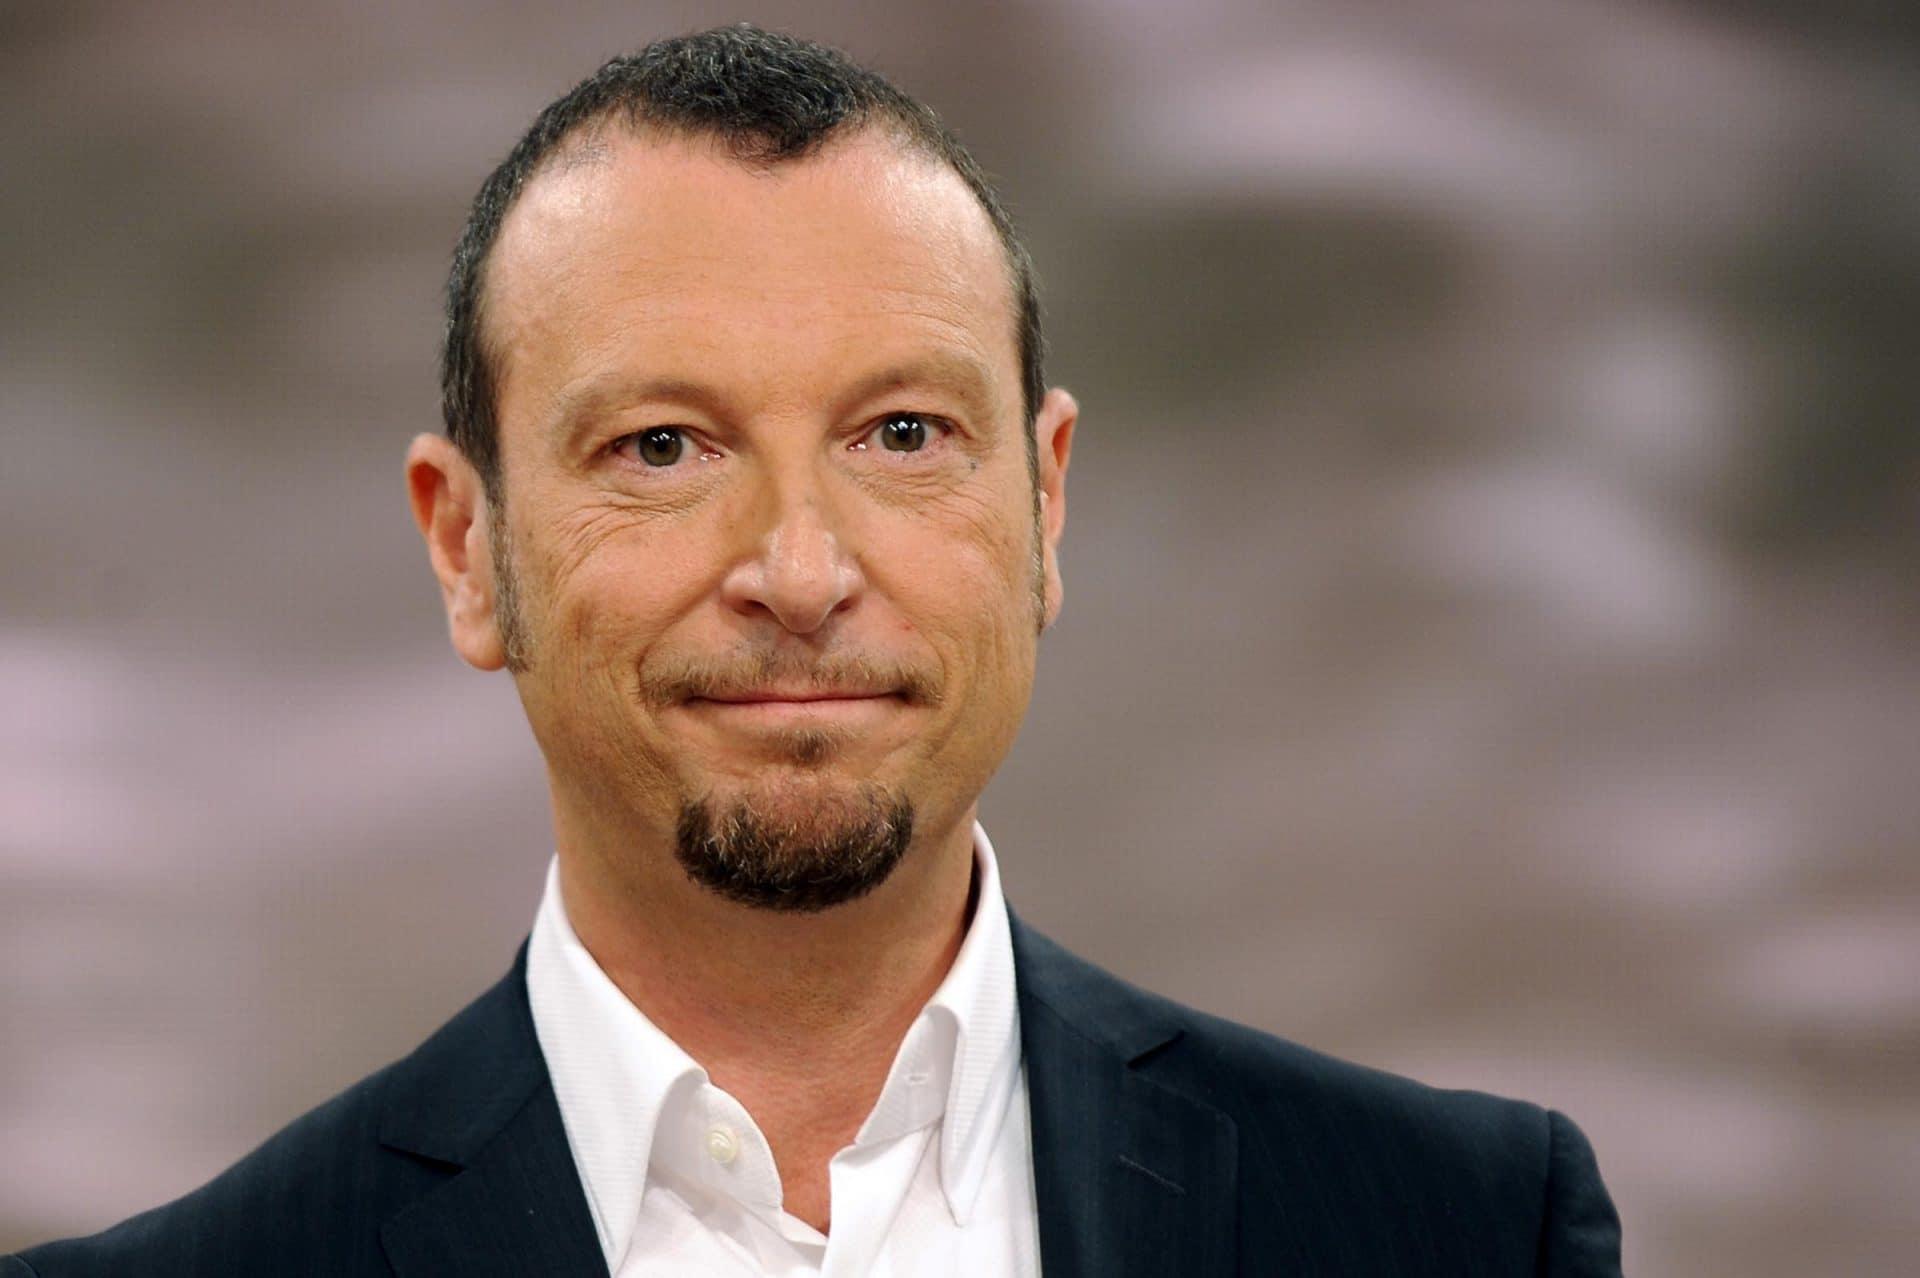 Sanremo 2021, Amadeus umiliato in eurovisione ma in pochi se ne accorgono, solo per un momento le telecamere inquadrano cosa gli viene detto